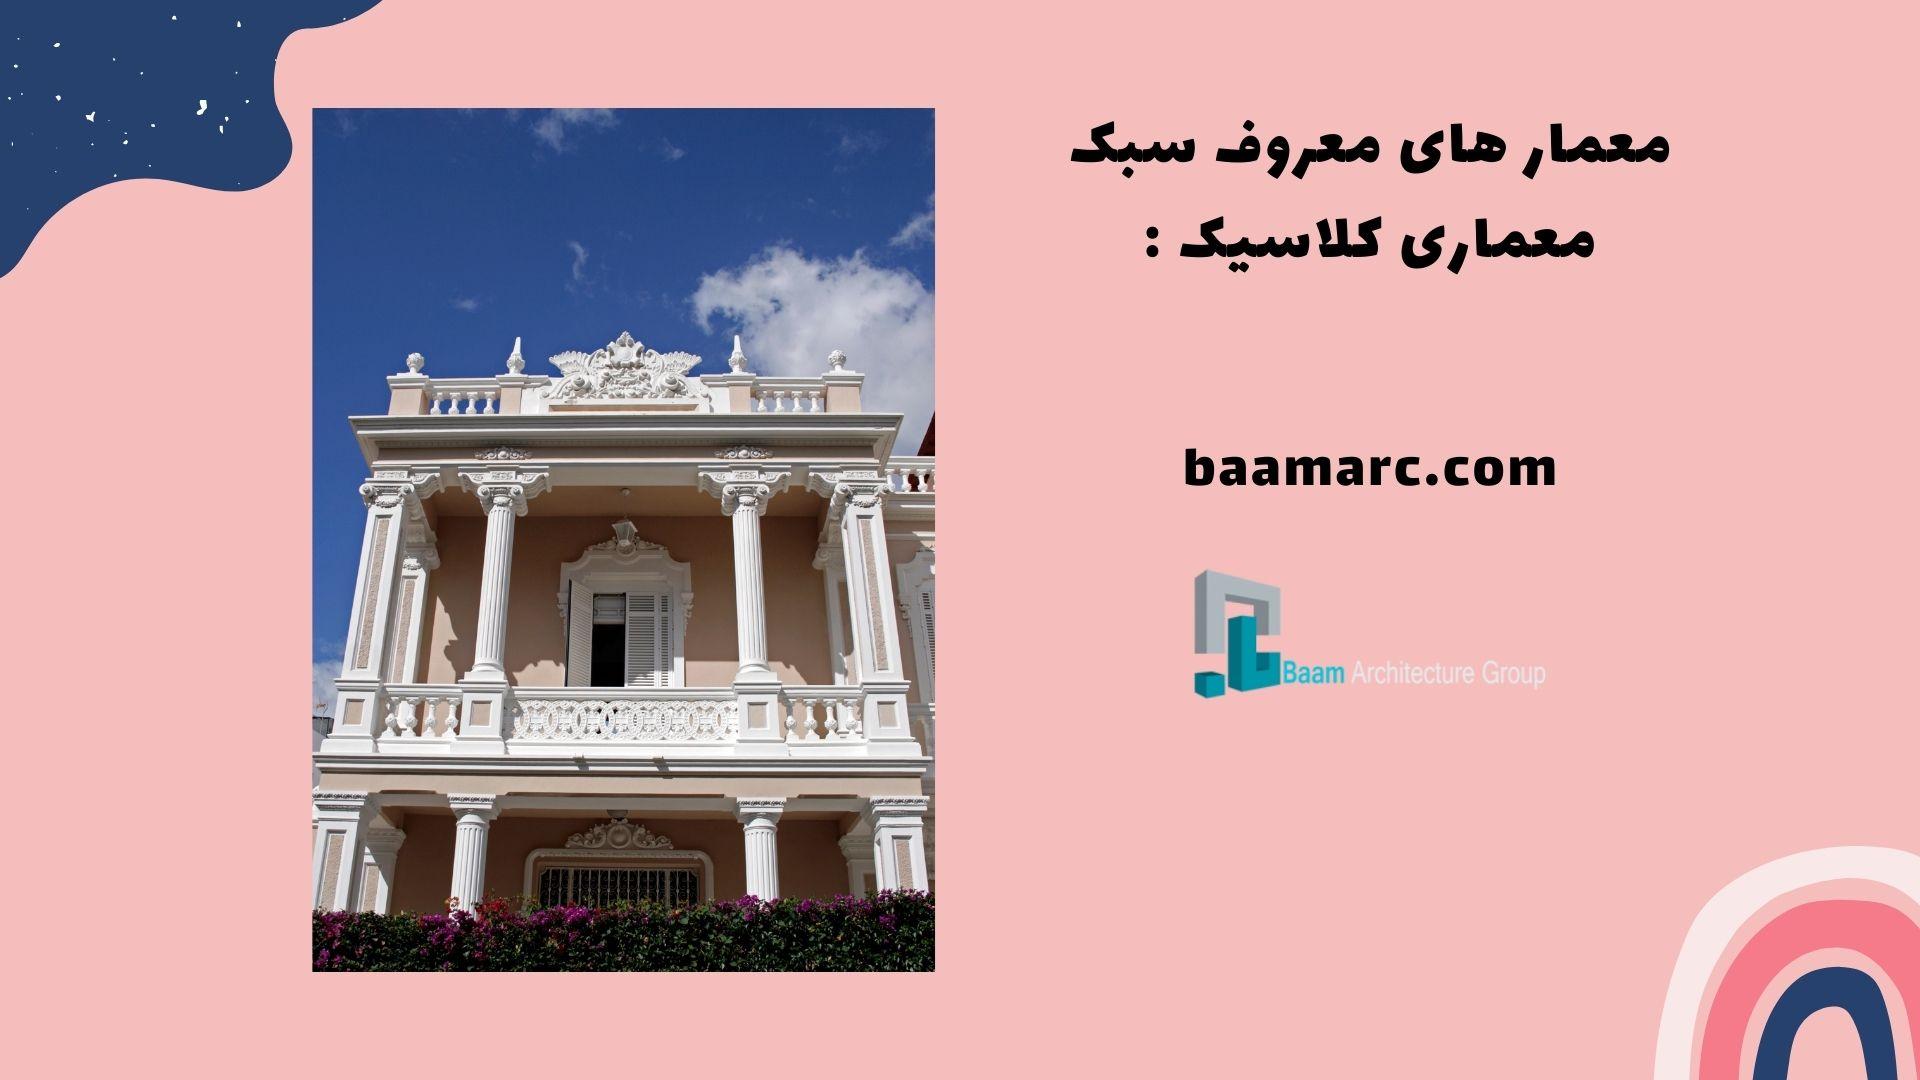 معمارهای معروف سبک معماری کلاسیک: